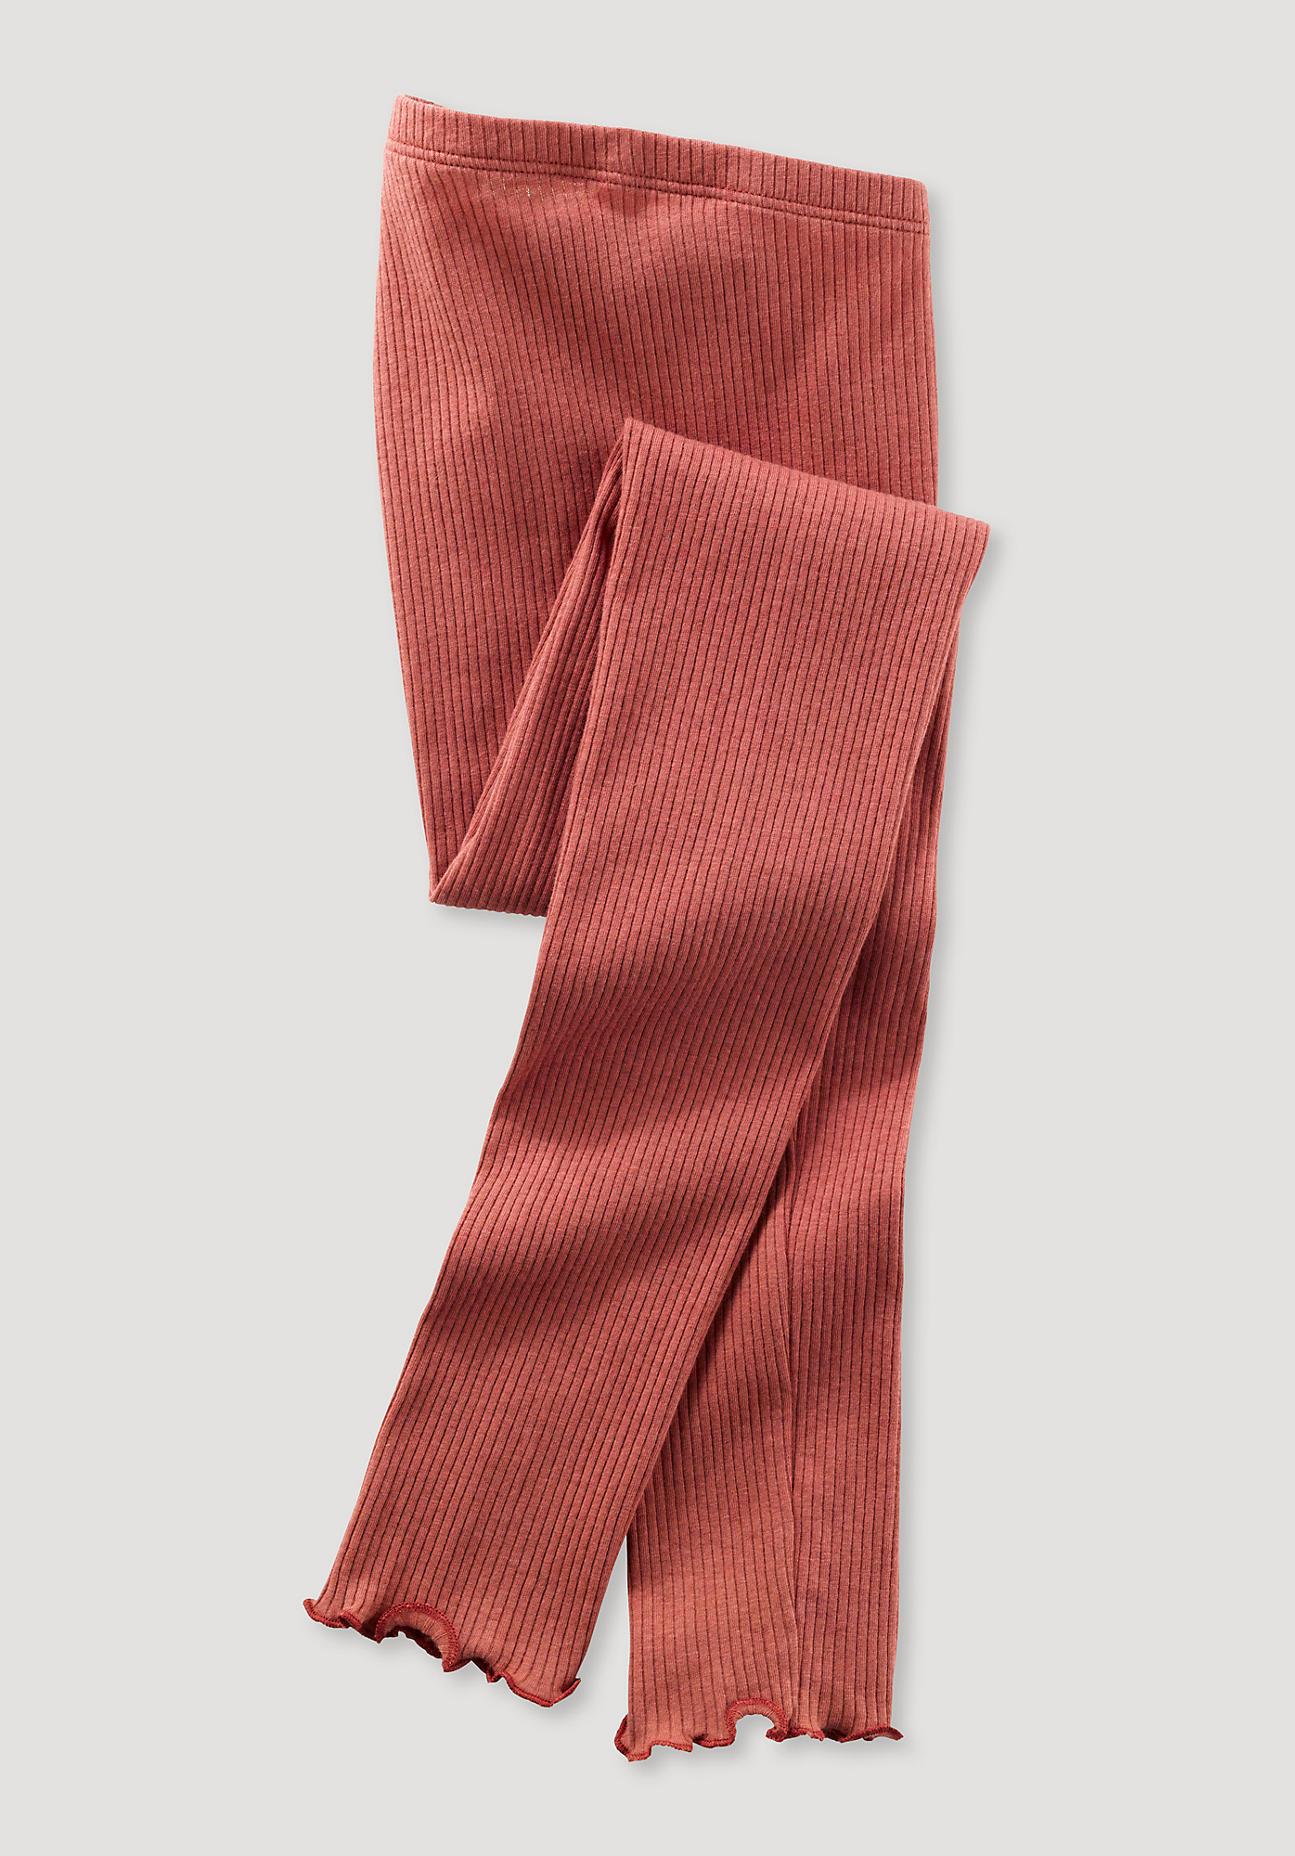 hessnatur Kinder Leggings aus Bio-Baumwolle mit Bio-Schurwolle - braun Größe 98/104